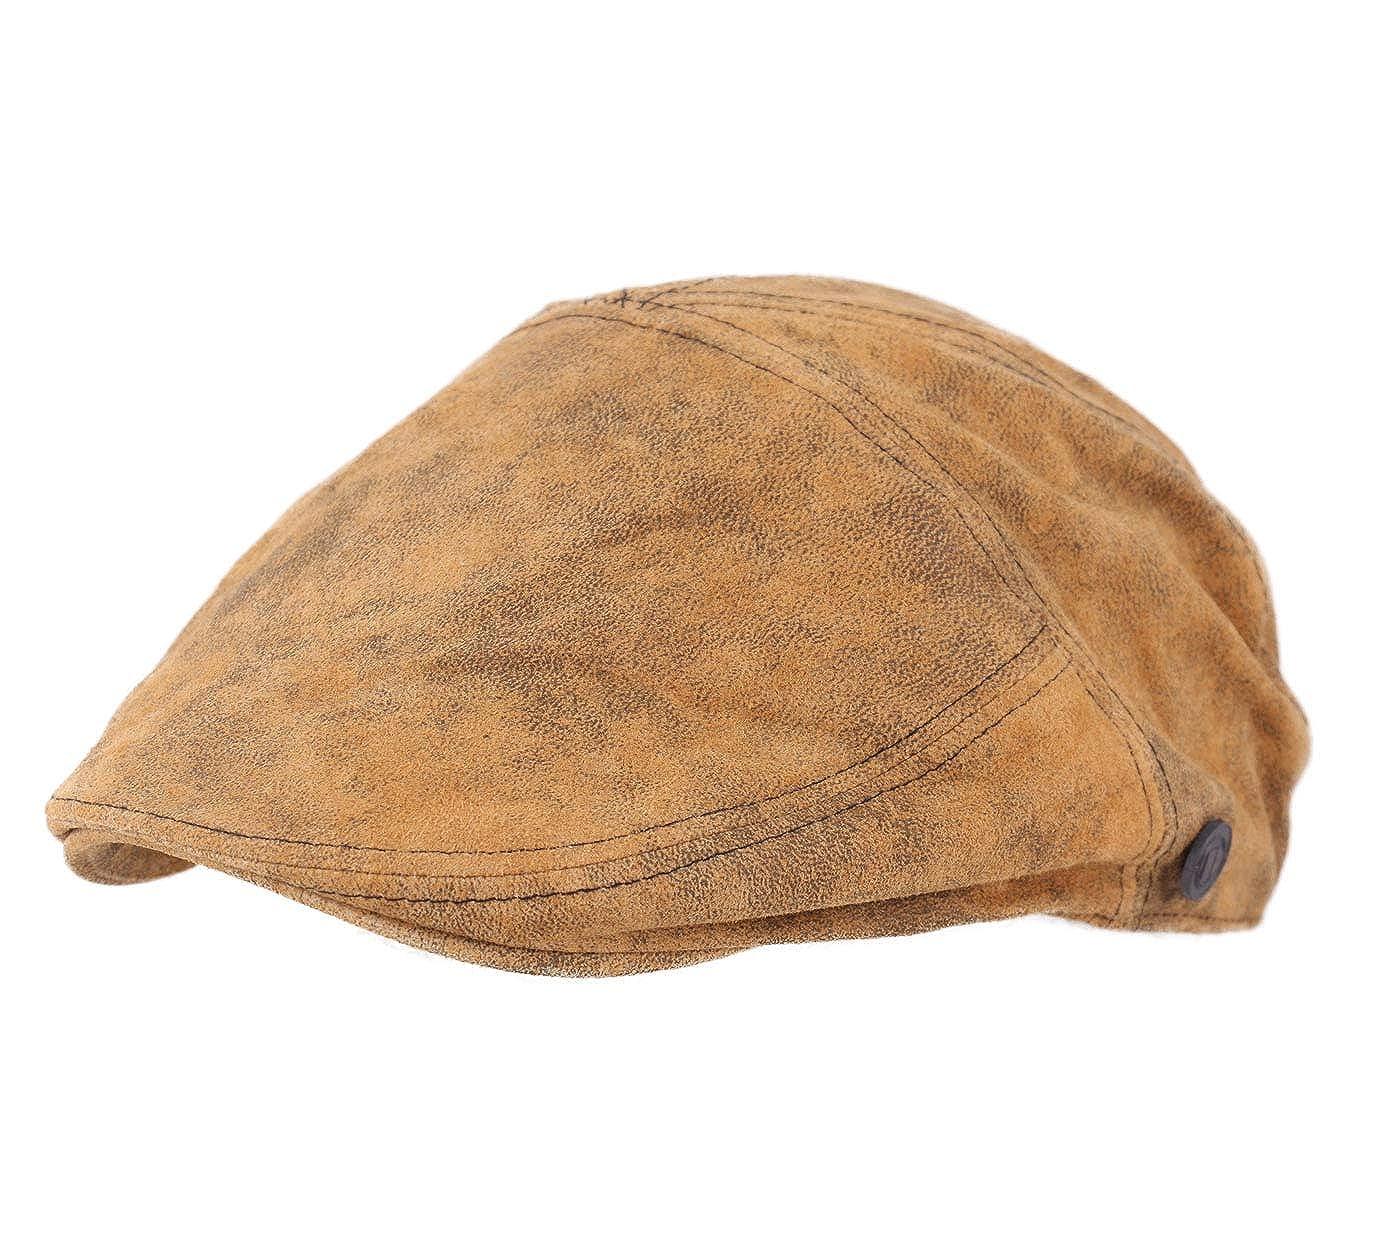 Dasmarca - Boinas - gorra plana cuero hombre Alex  Amazon.es  Ropa y  accesorios 3dcfe3b3601